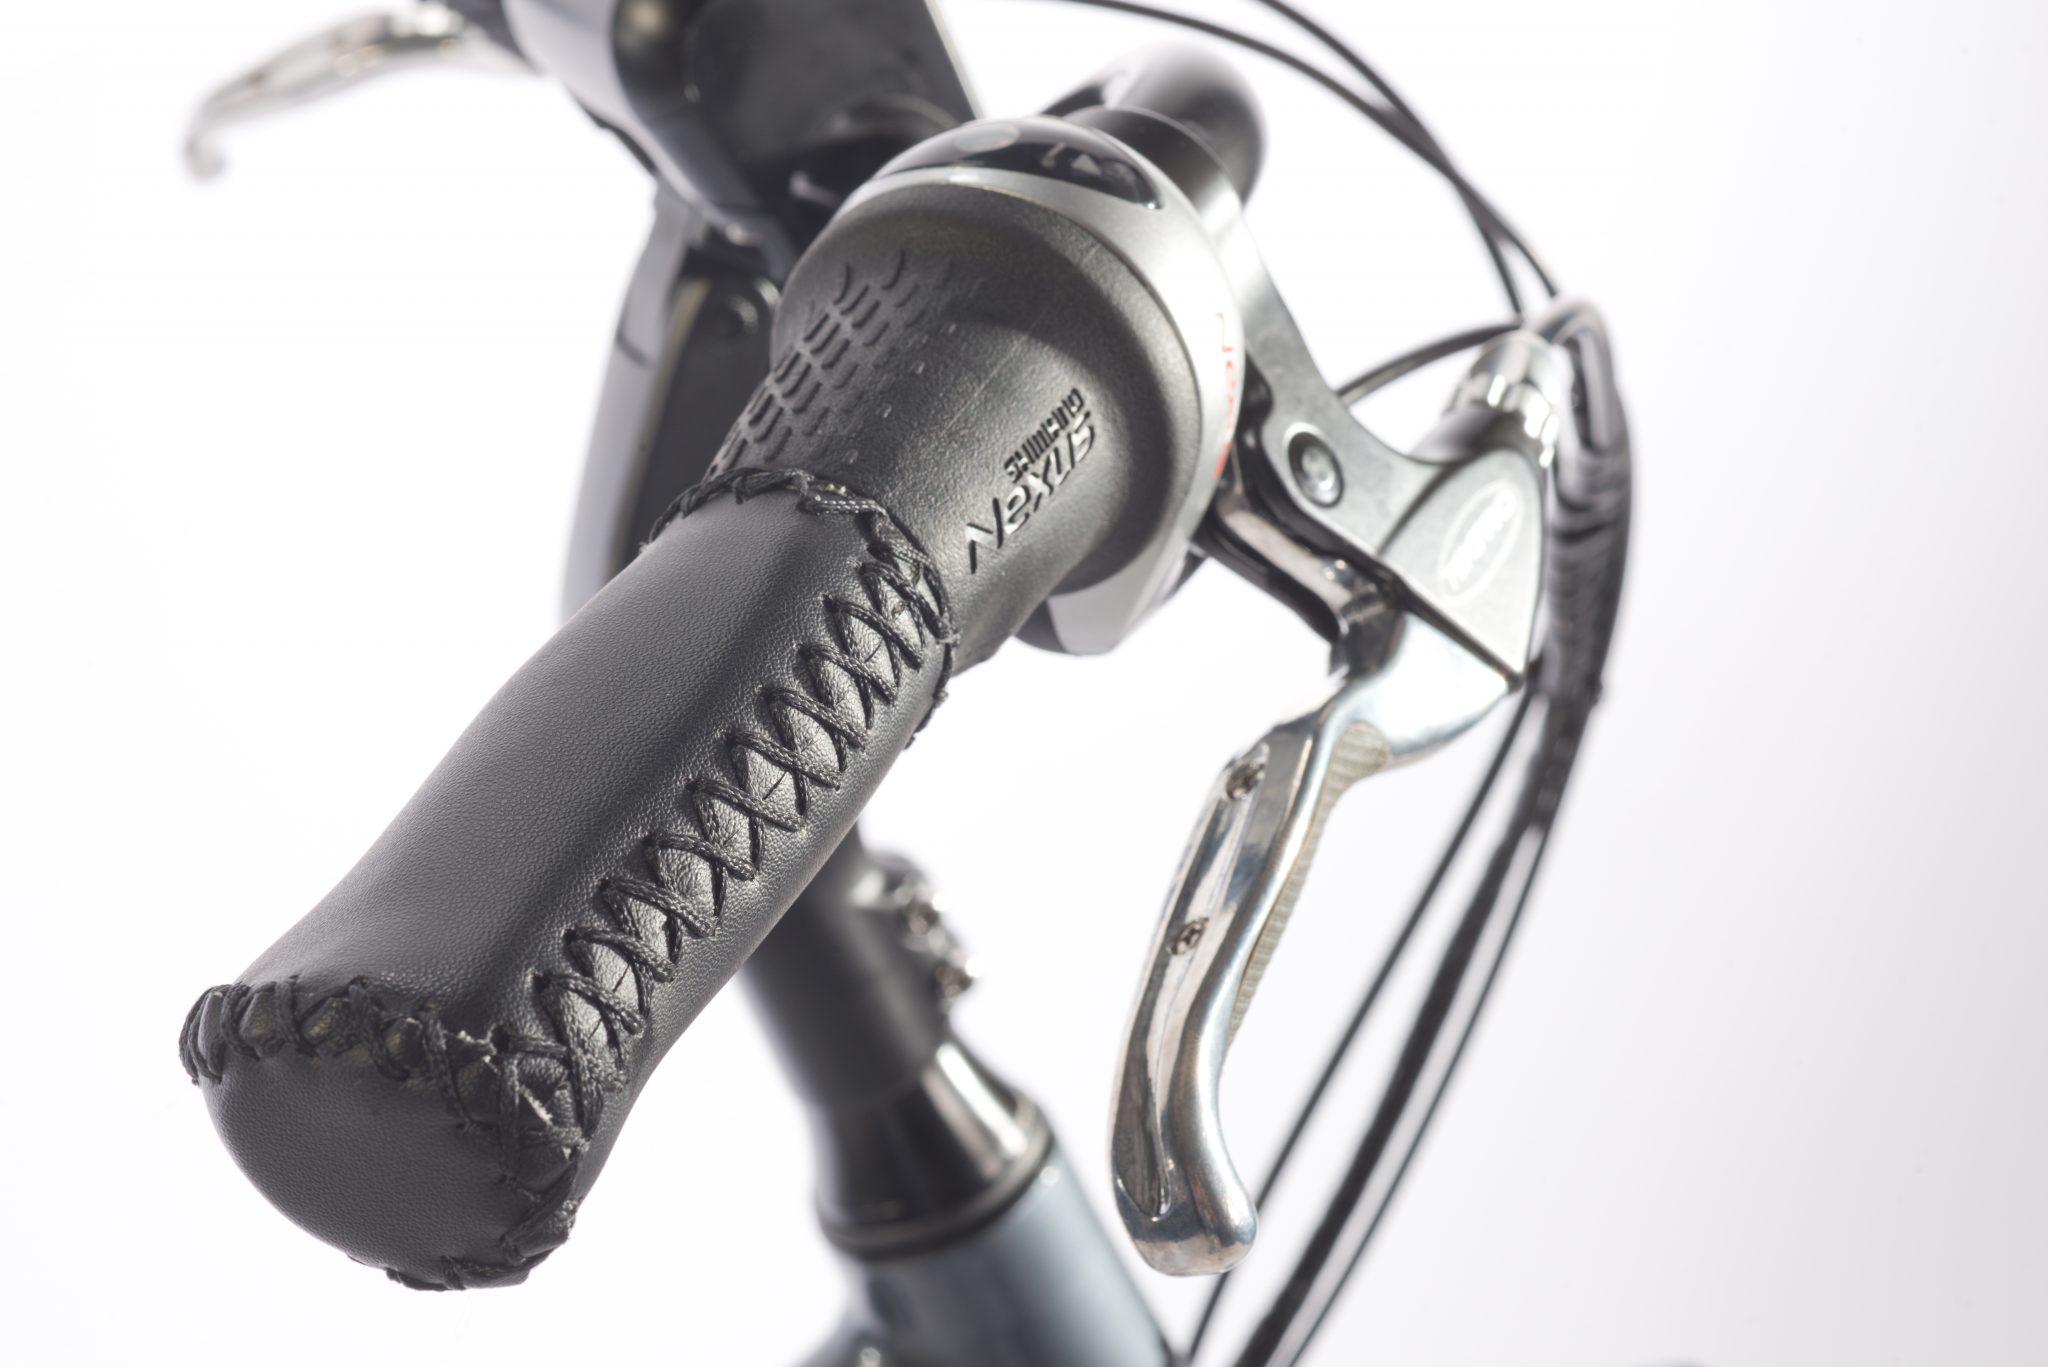 De Huyser Gen1 is voorzien van de nieuwste generatie Shimano Rollerbrakes voor een goede remwerking, met simpelweg weinig kracht kunt u de fiets gemakkelijk tot stilstand brengen.